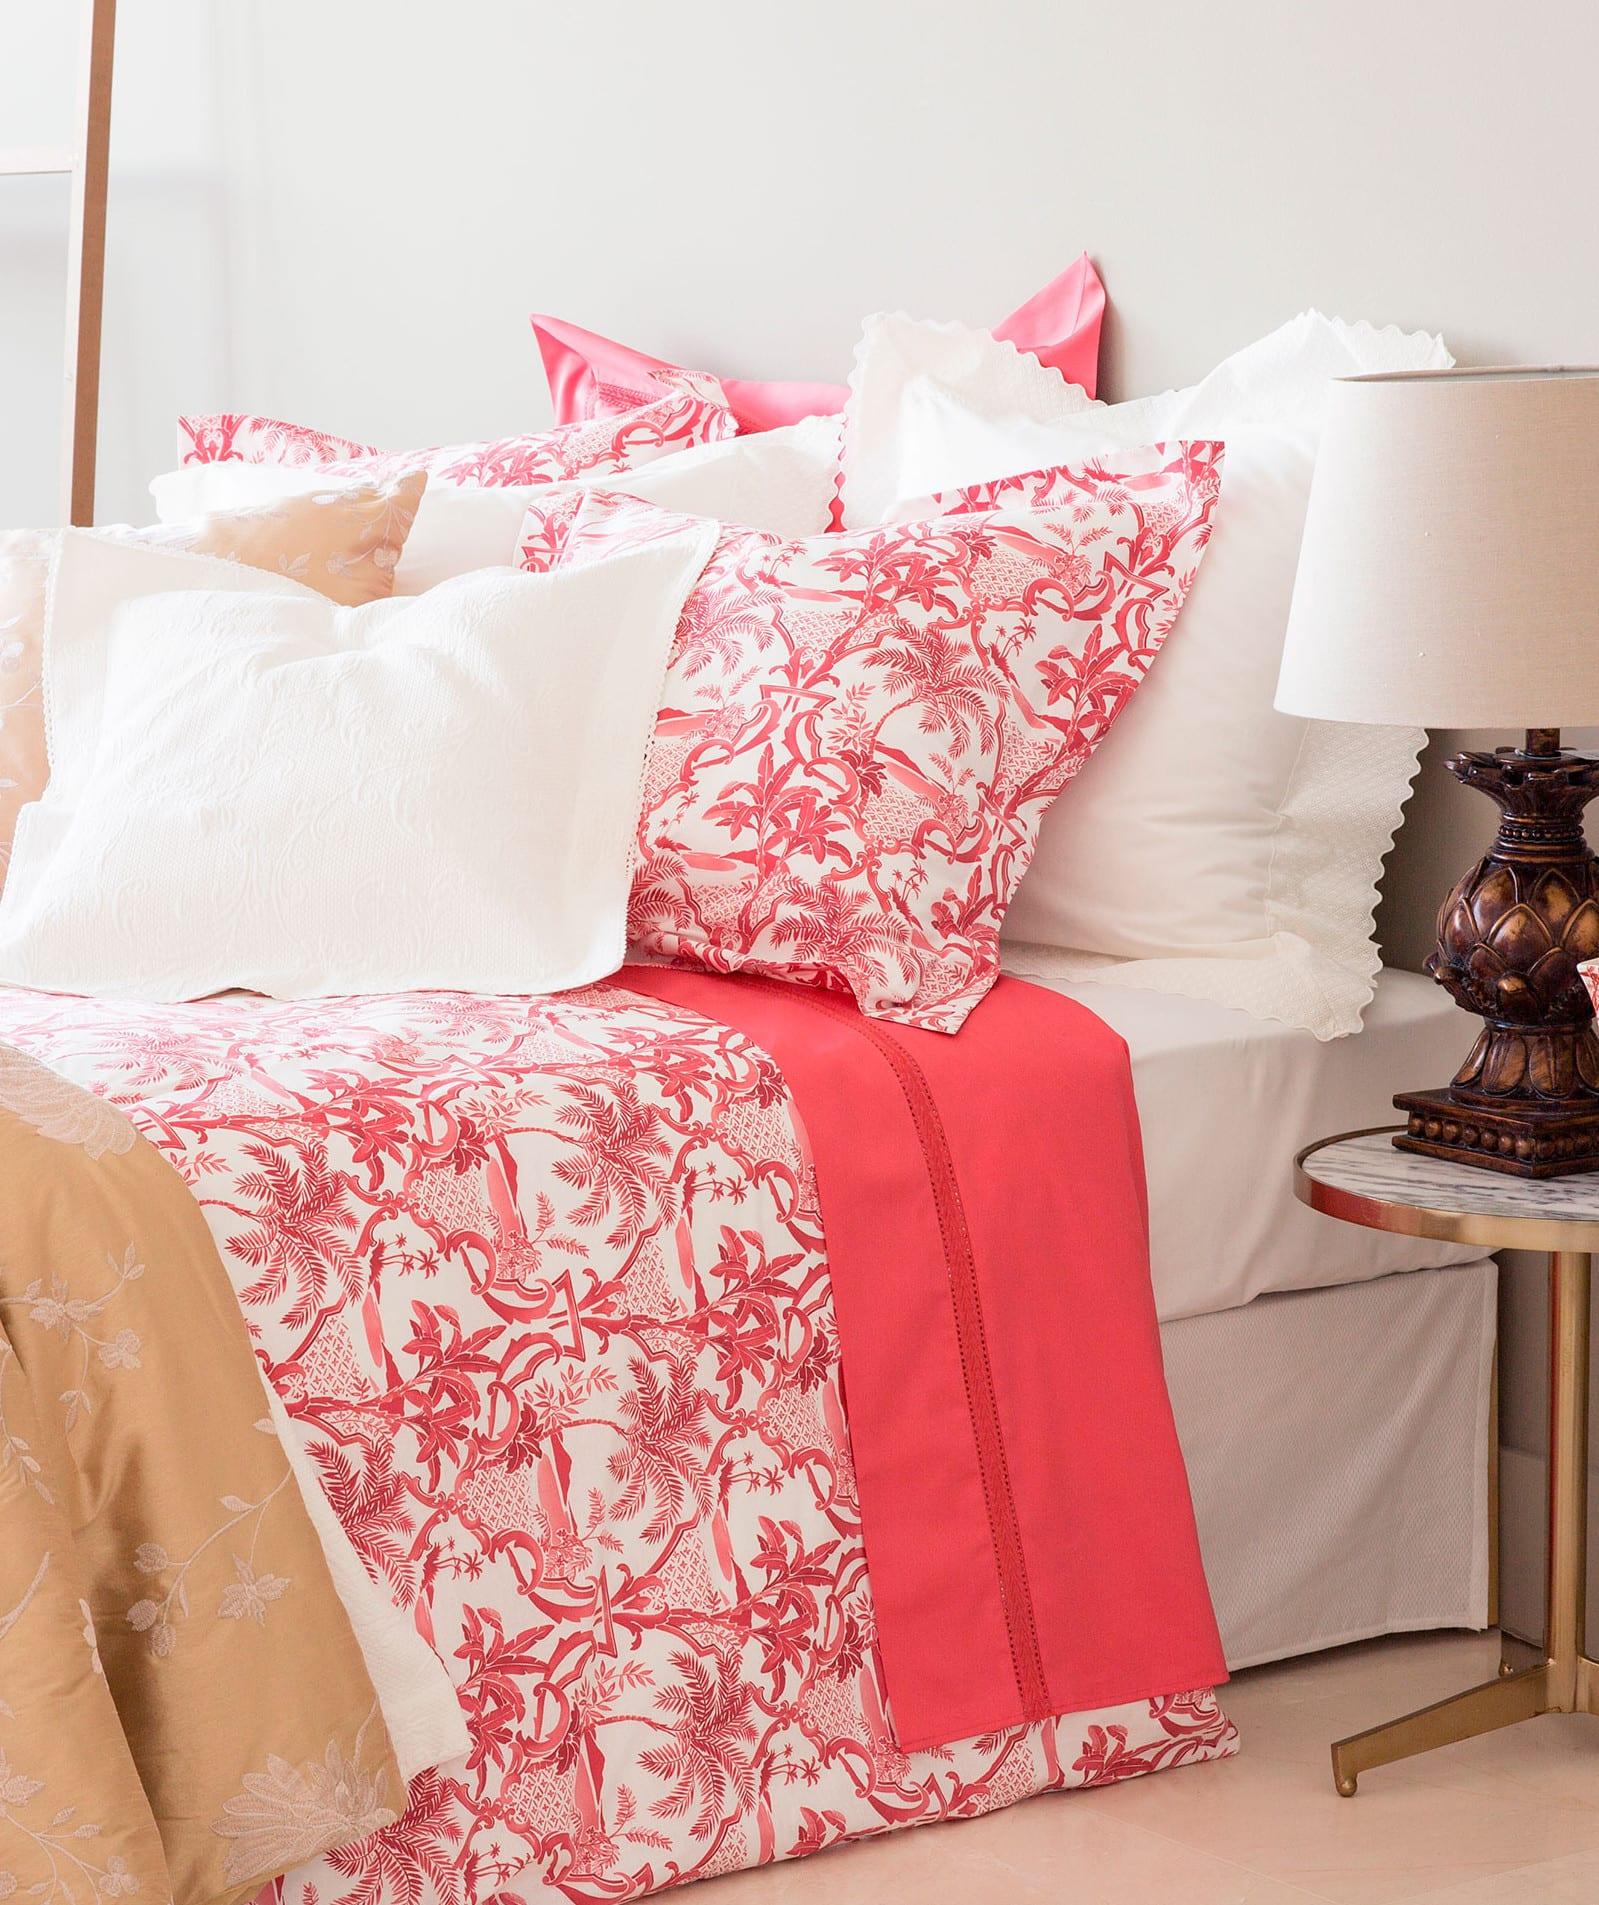 schlafzimmer einrichten mit zara home - freshouse - Schlafzimmer Pink Weis